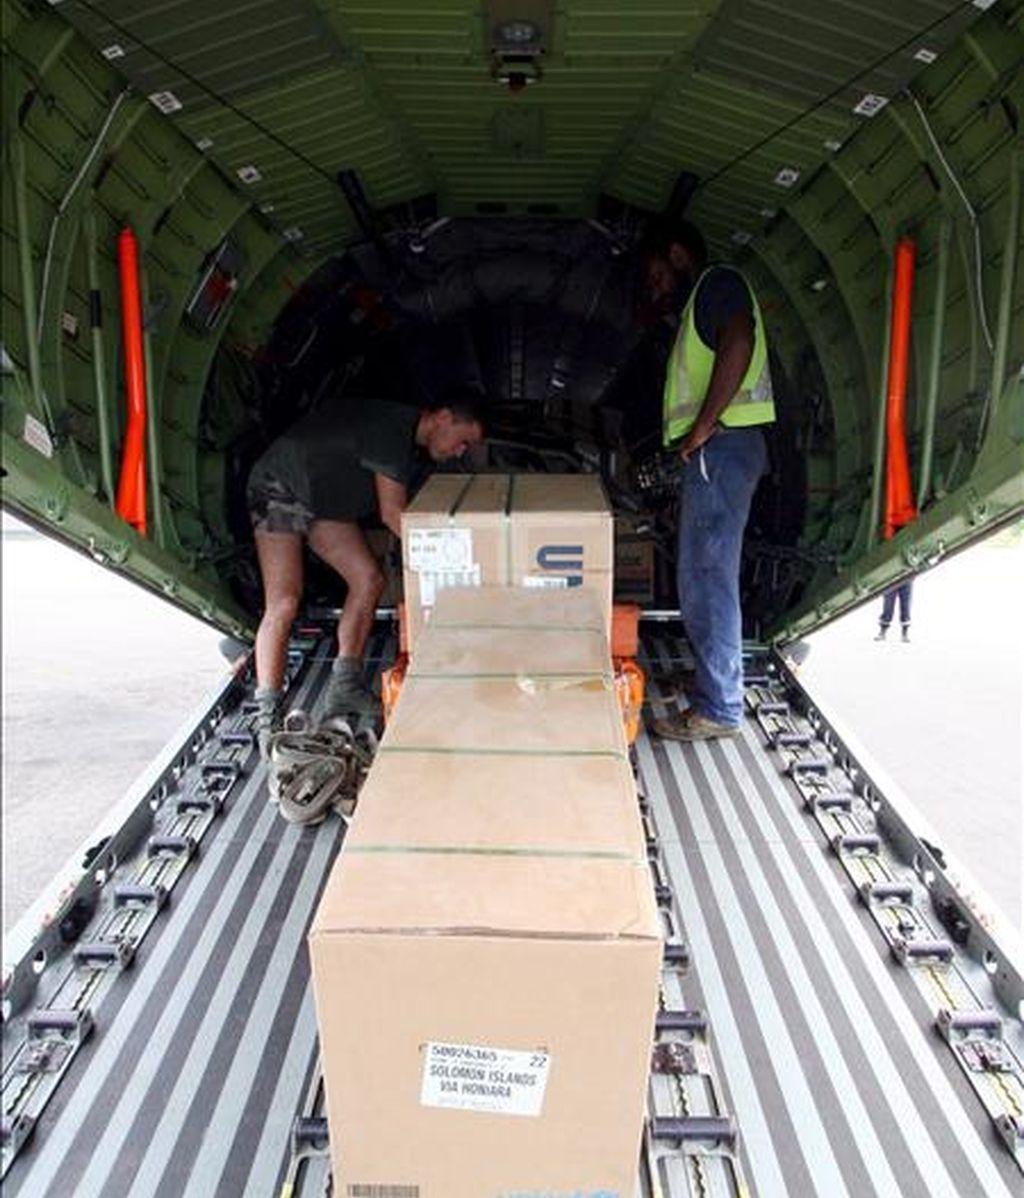 La policía de Gaza entró en los almacenes de la UNRWA en el territorio palestino y confiscó abastecimientos allí almacenados después de que trabajadores de esa agencia humanitaria se negaran a entregarlos. EFE/Archivo